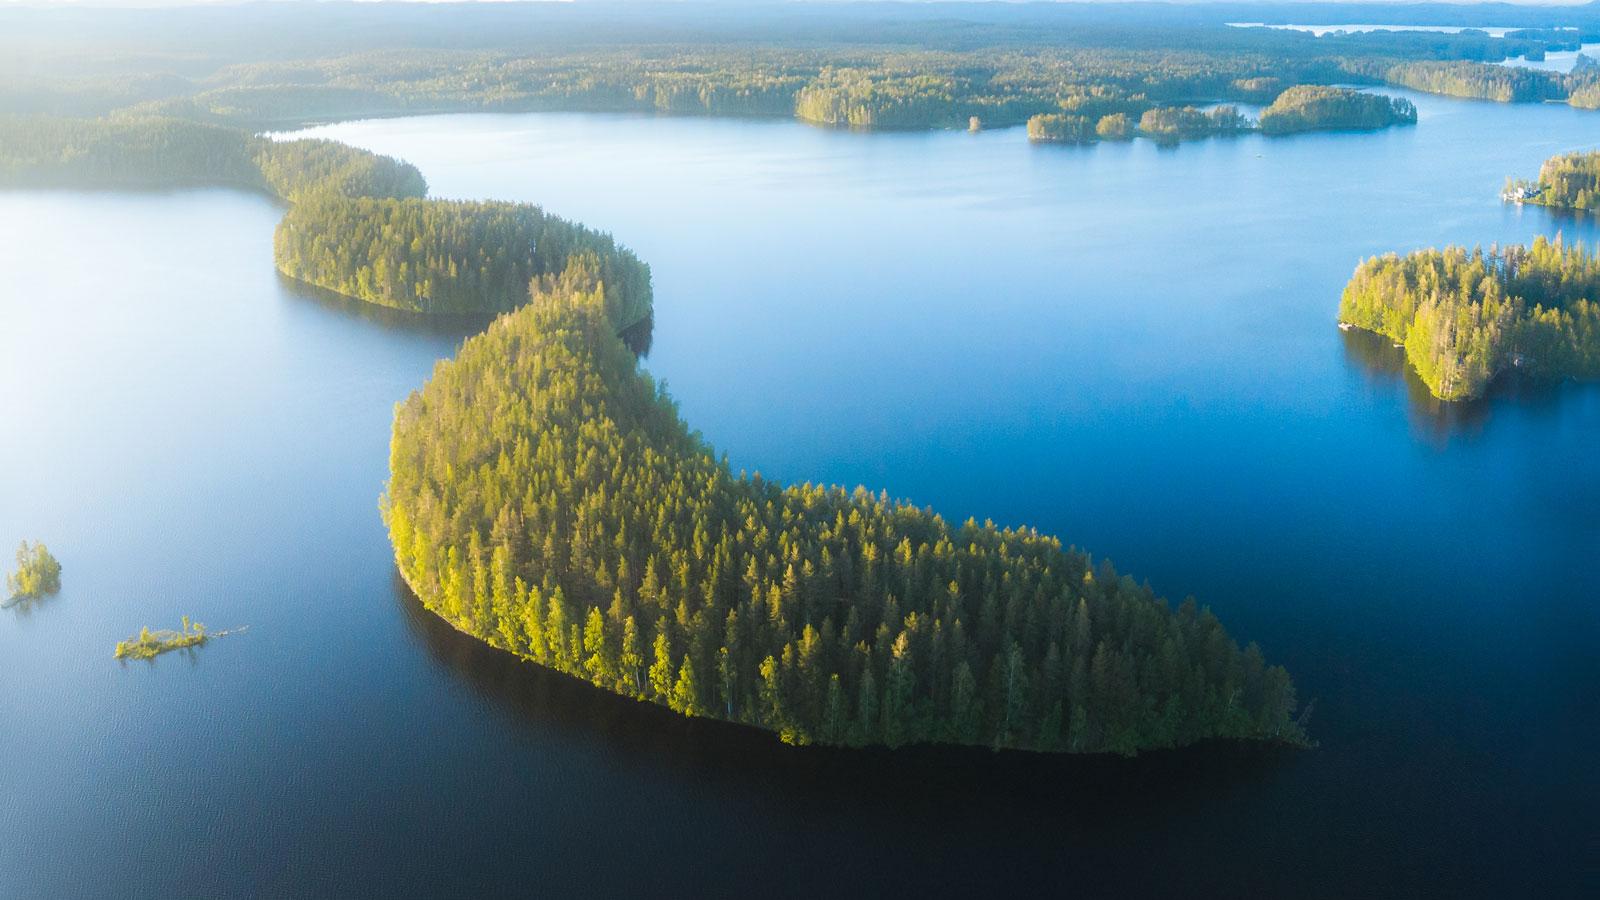 Luftaufnahme auf Joutsniemi im Nationalpark Leivonmäki